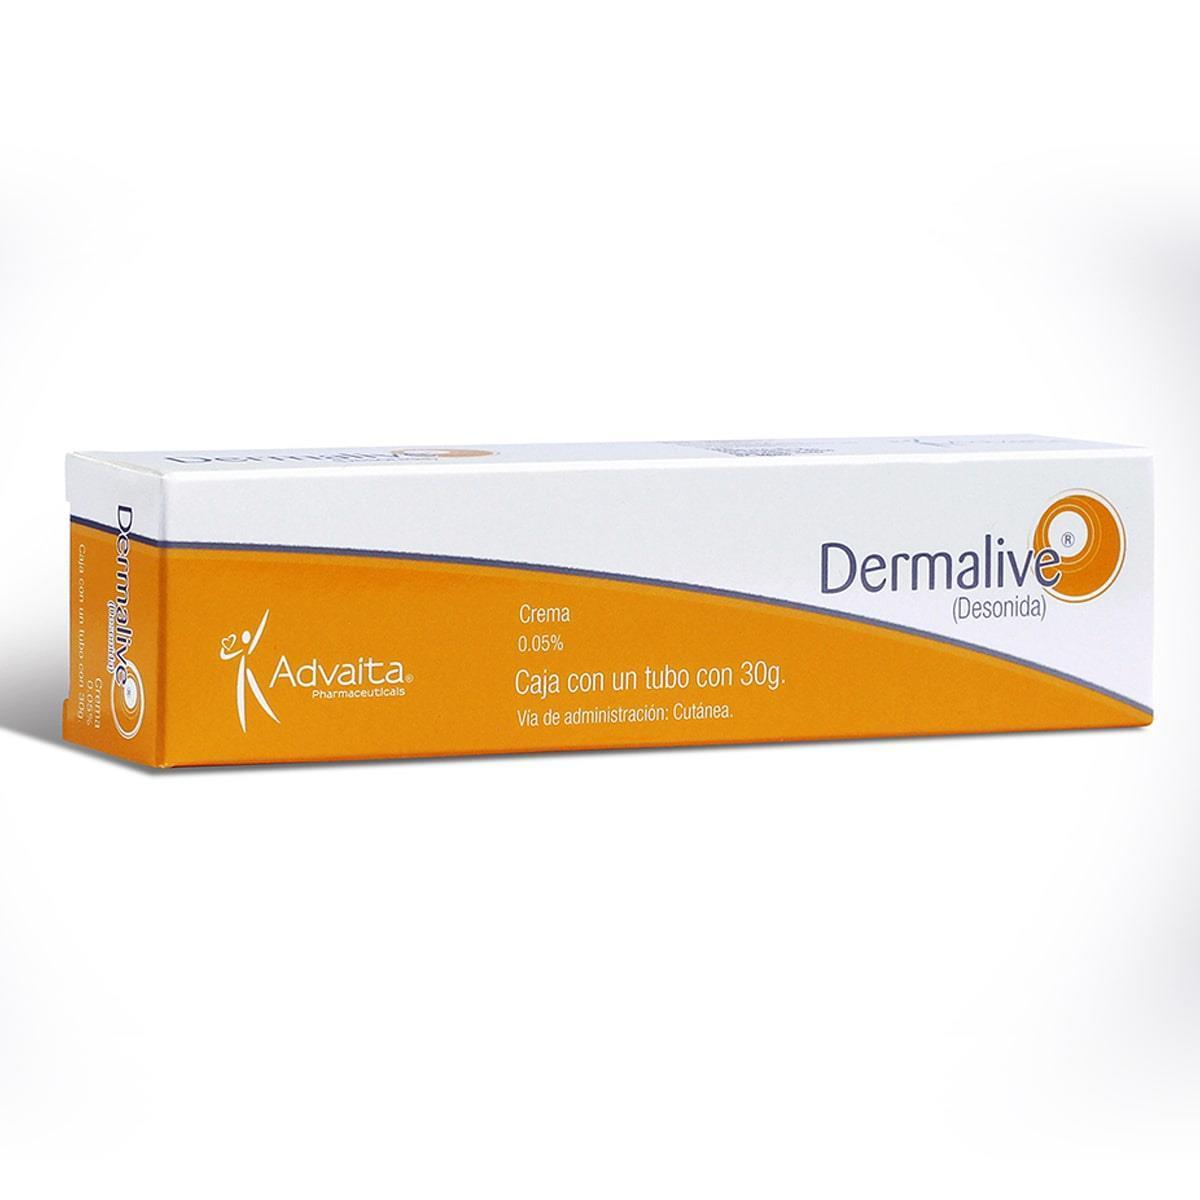 Tratamiento de dermatosis inflamatorias, como Dermatitis Atópica, Dermatitis Seborreica, Dermatitis por Contacto, Eccema Numular, Prúrigo por inséctos, y cualquier dermatosis que curse con inflamación y prurito.<br/><br/>Caja con 30g de crema al 0.05%